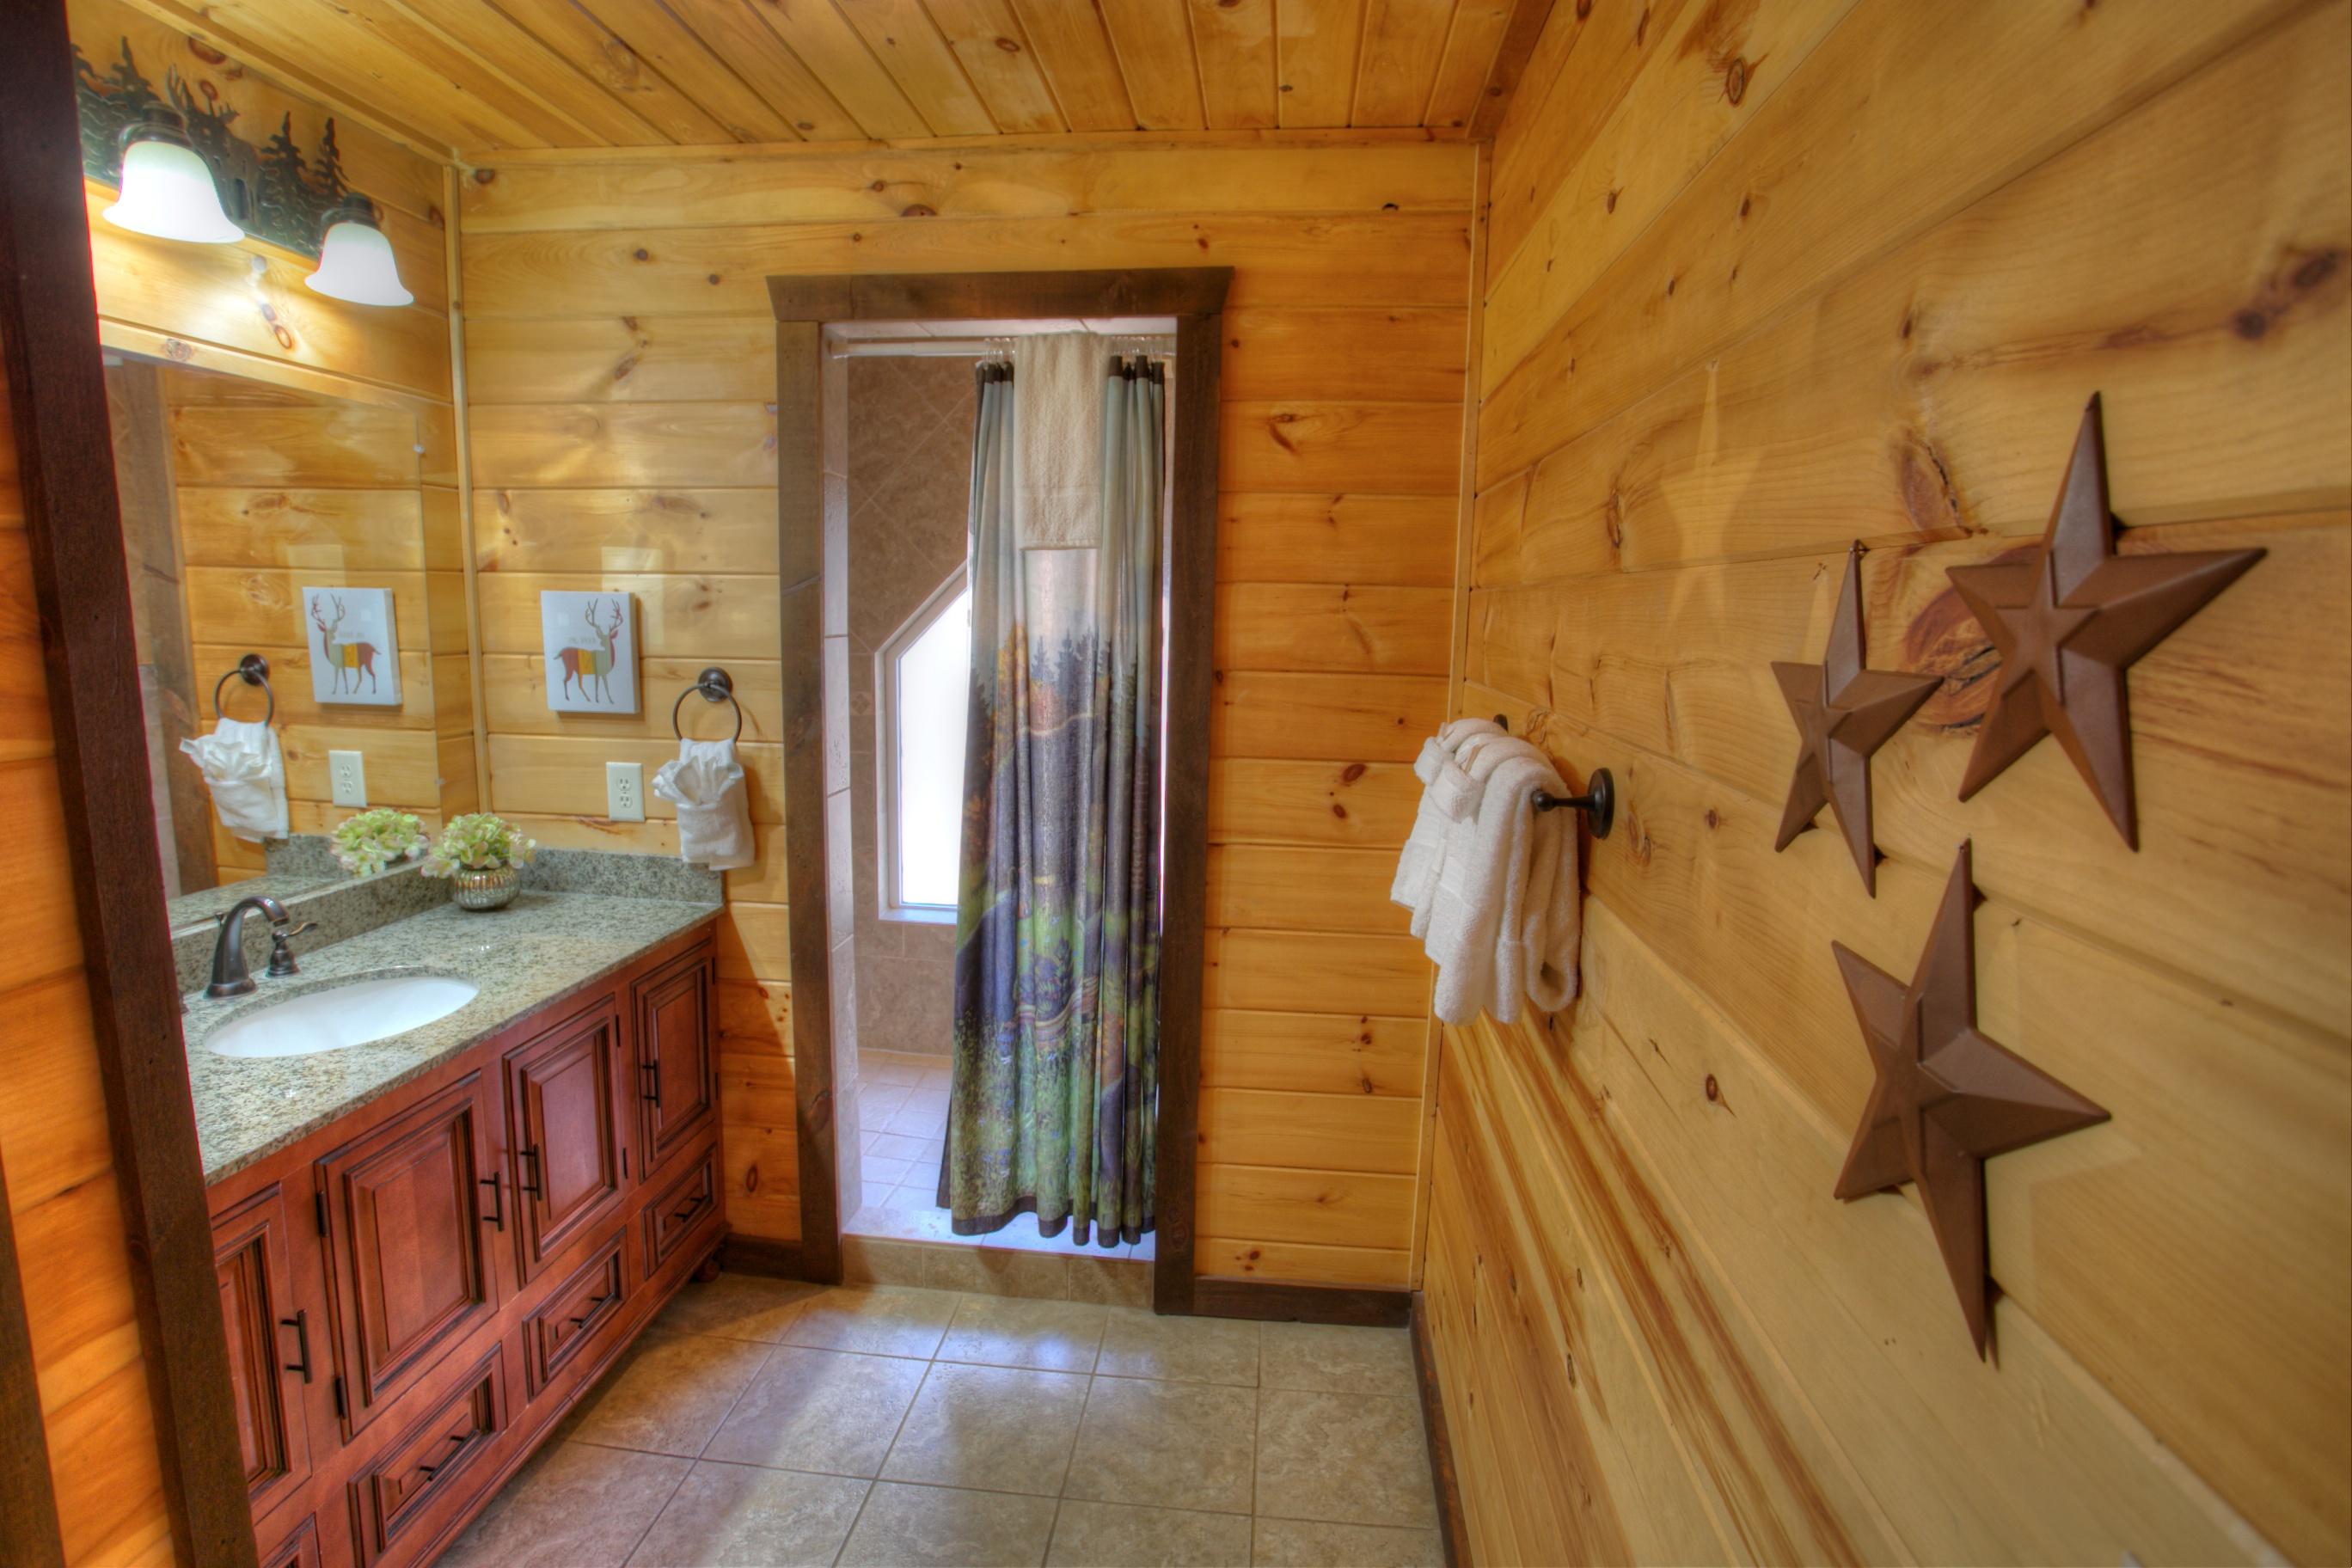 oak-hill-bathroom-rentals-cabin